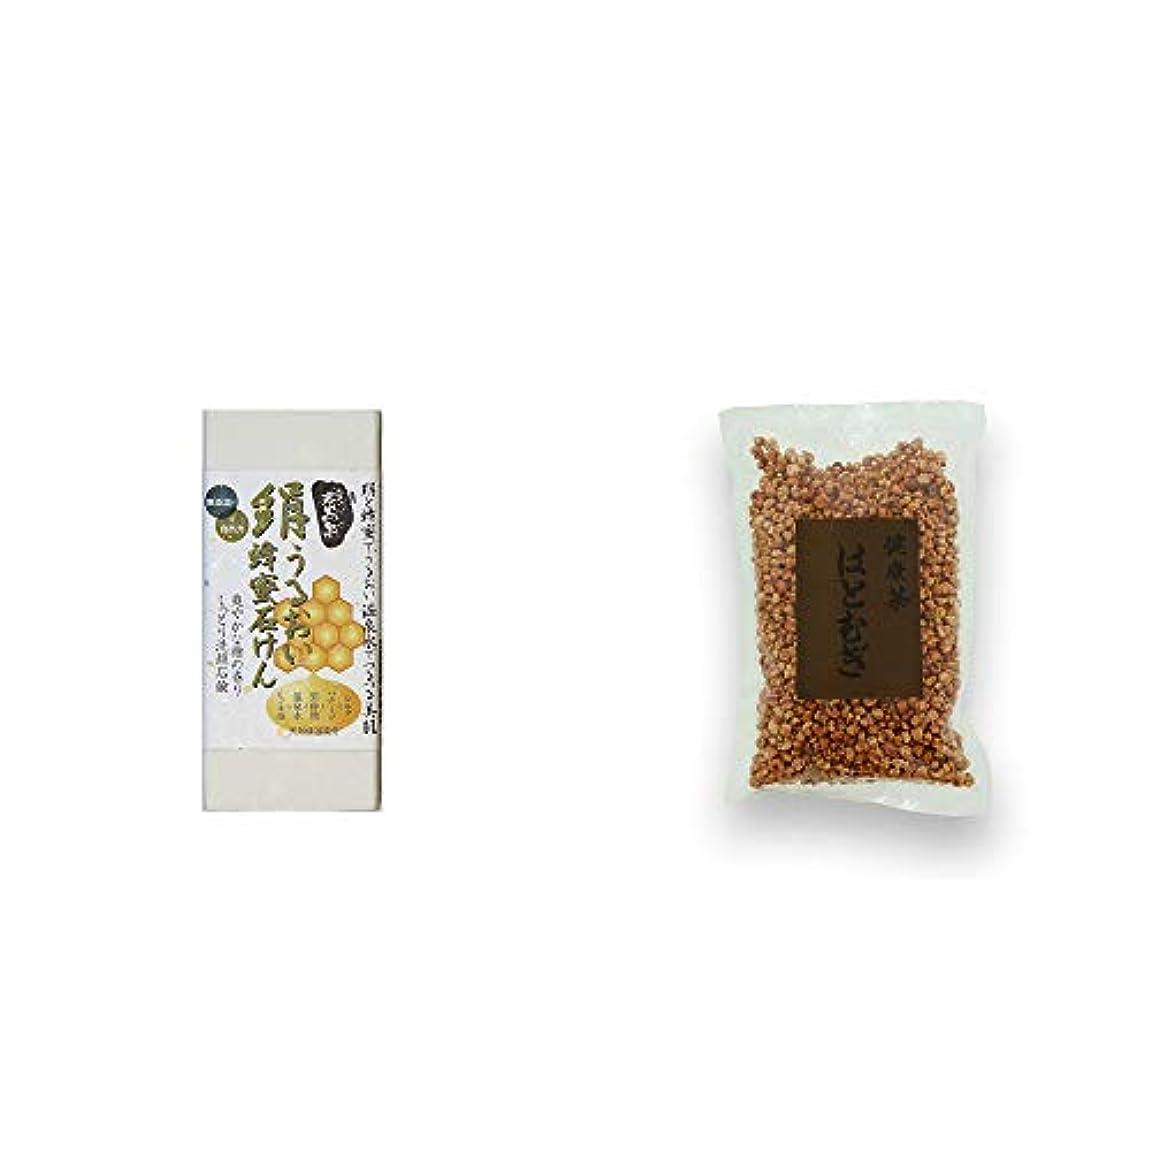 範囲ひばり策定する[2点セット] ひのき炭黒泉 絹うるおい蜂蜜石けん(75g×2)?健康茶 はとむぎ(200g)